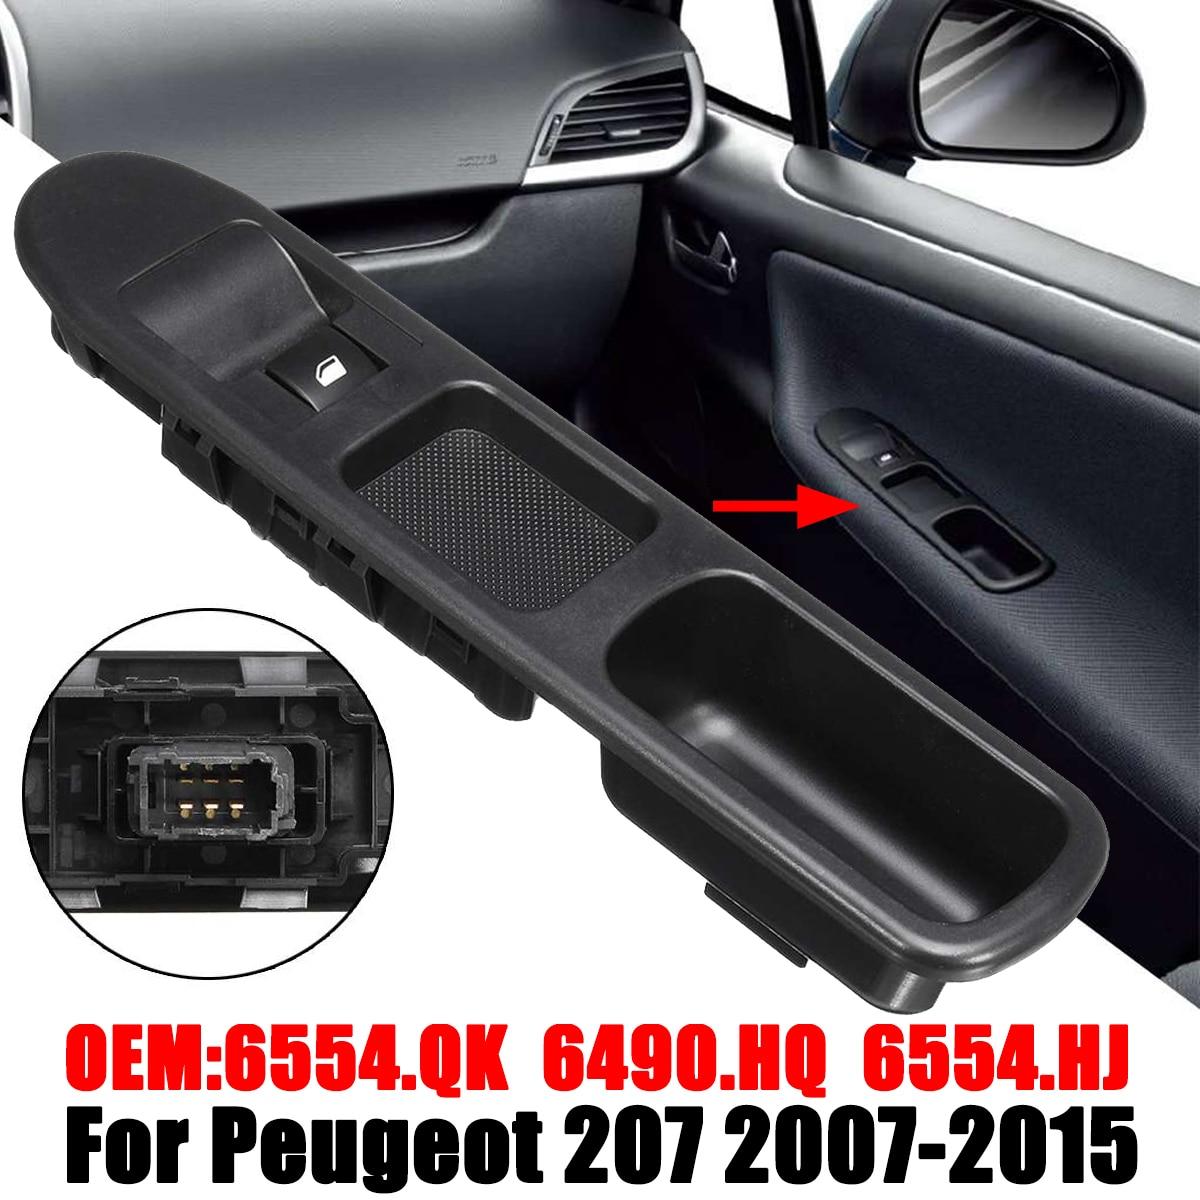 Commutateur de commande de fenêtre électrique latéral du passager 6Pin avec le cadre pour Peugeot 207 2007-2015 6490 HQ 6554HJ fenêtre électrique enrouler/descendre